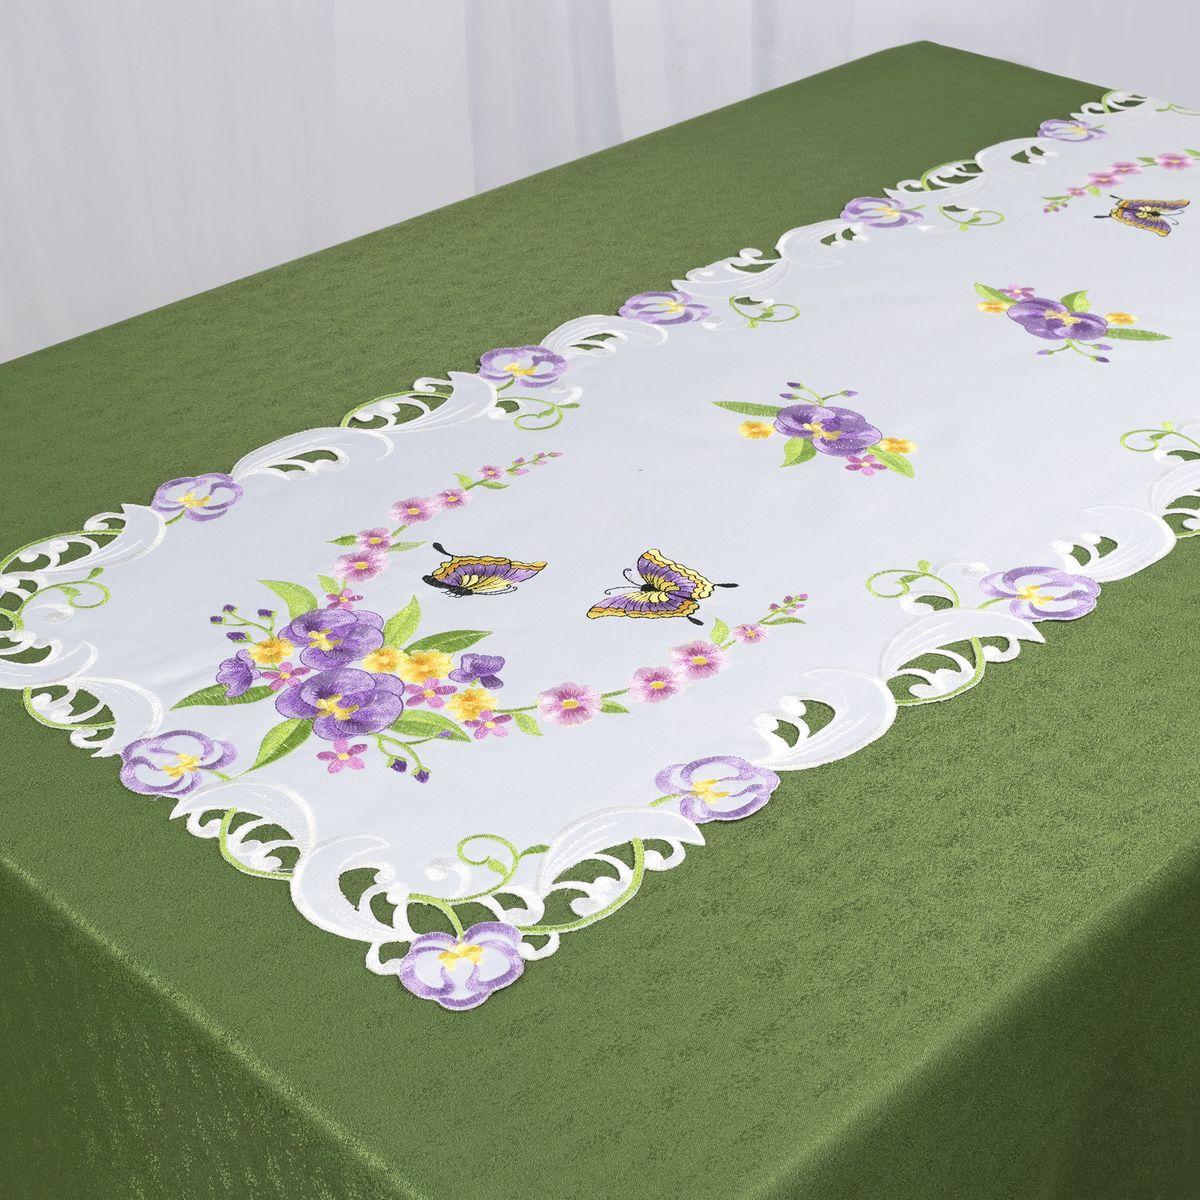 Дорожка для декорирования стола Schaefer, 40 x 110 см, цвет: белый, фиолетовый. 07745-233VT-1520(SR)Дорожка для декорирования стола Schaefer может быть использована, как основной элемент, так и дополнение для создания уюта и романтического настроения.Дорожка выполнена из полиэстера. Изделие легко стирать: оно не мнется, не садится и быстро сохнет, более долговечно, чем изделие из натуральных волокон.Материал: 100% полиэстер.Размер: 40 x 110 см.